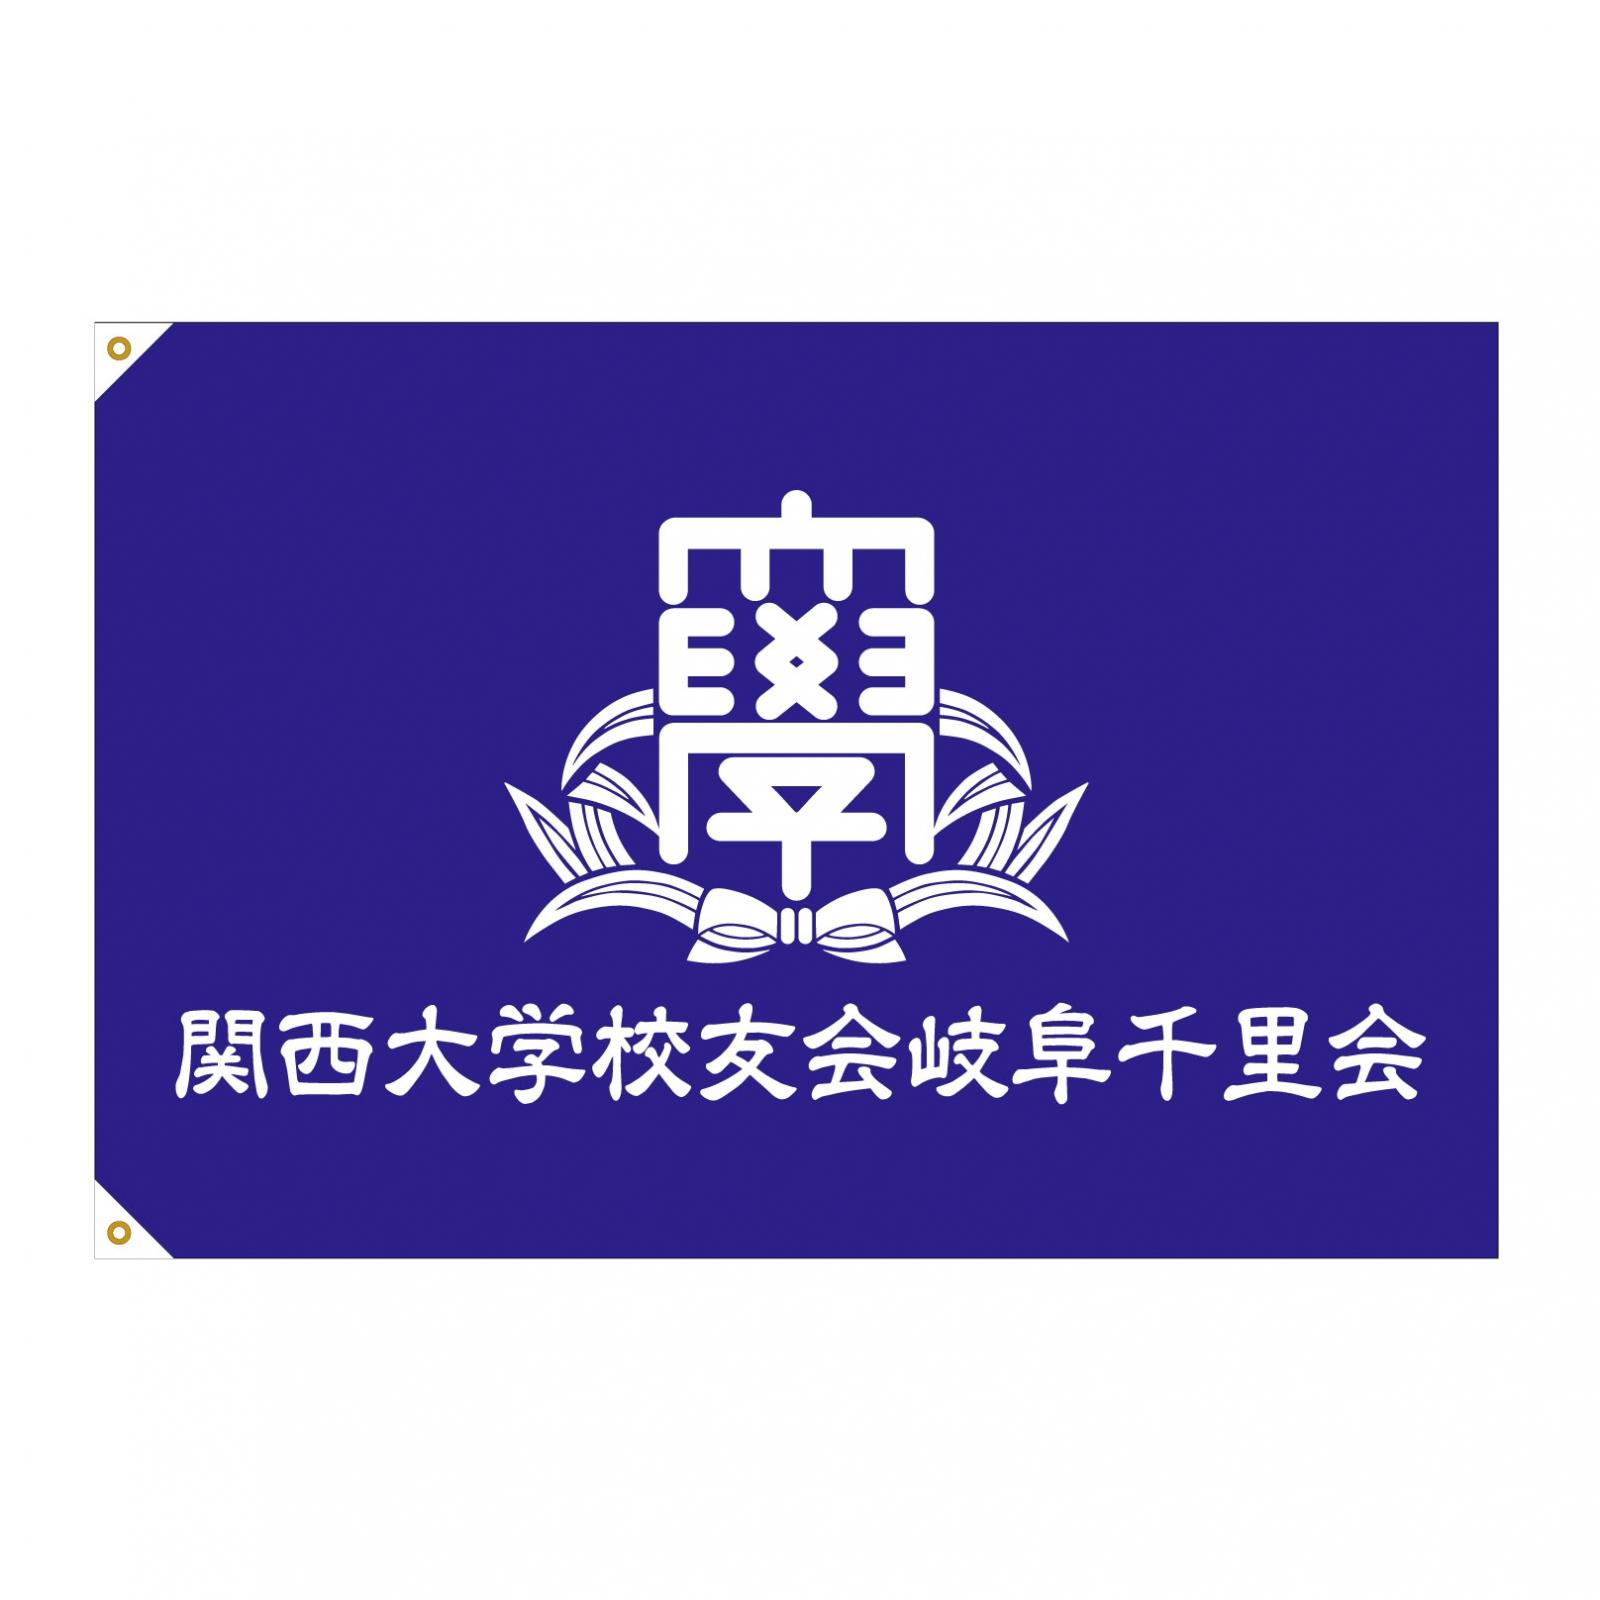 社会人団体のクラブ旗